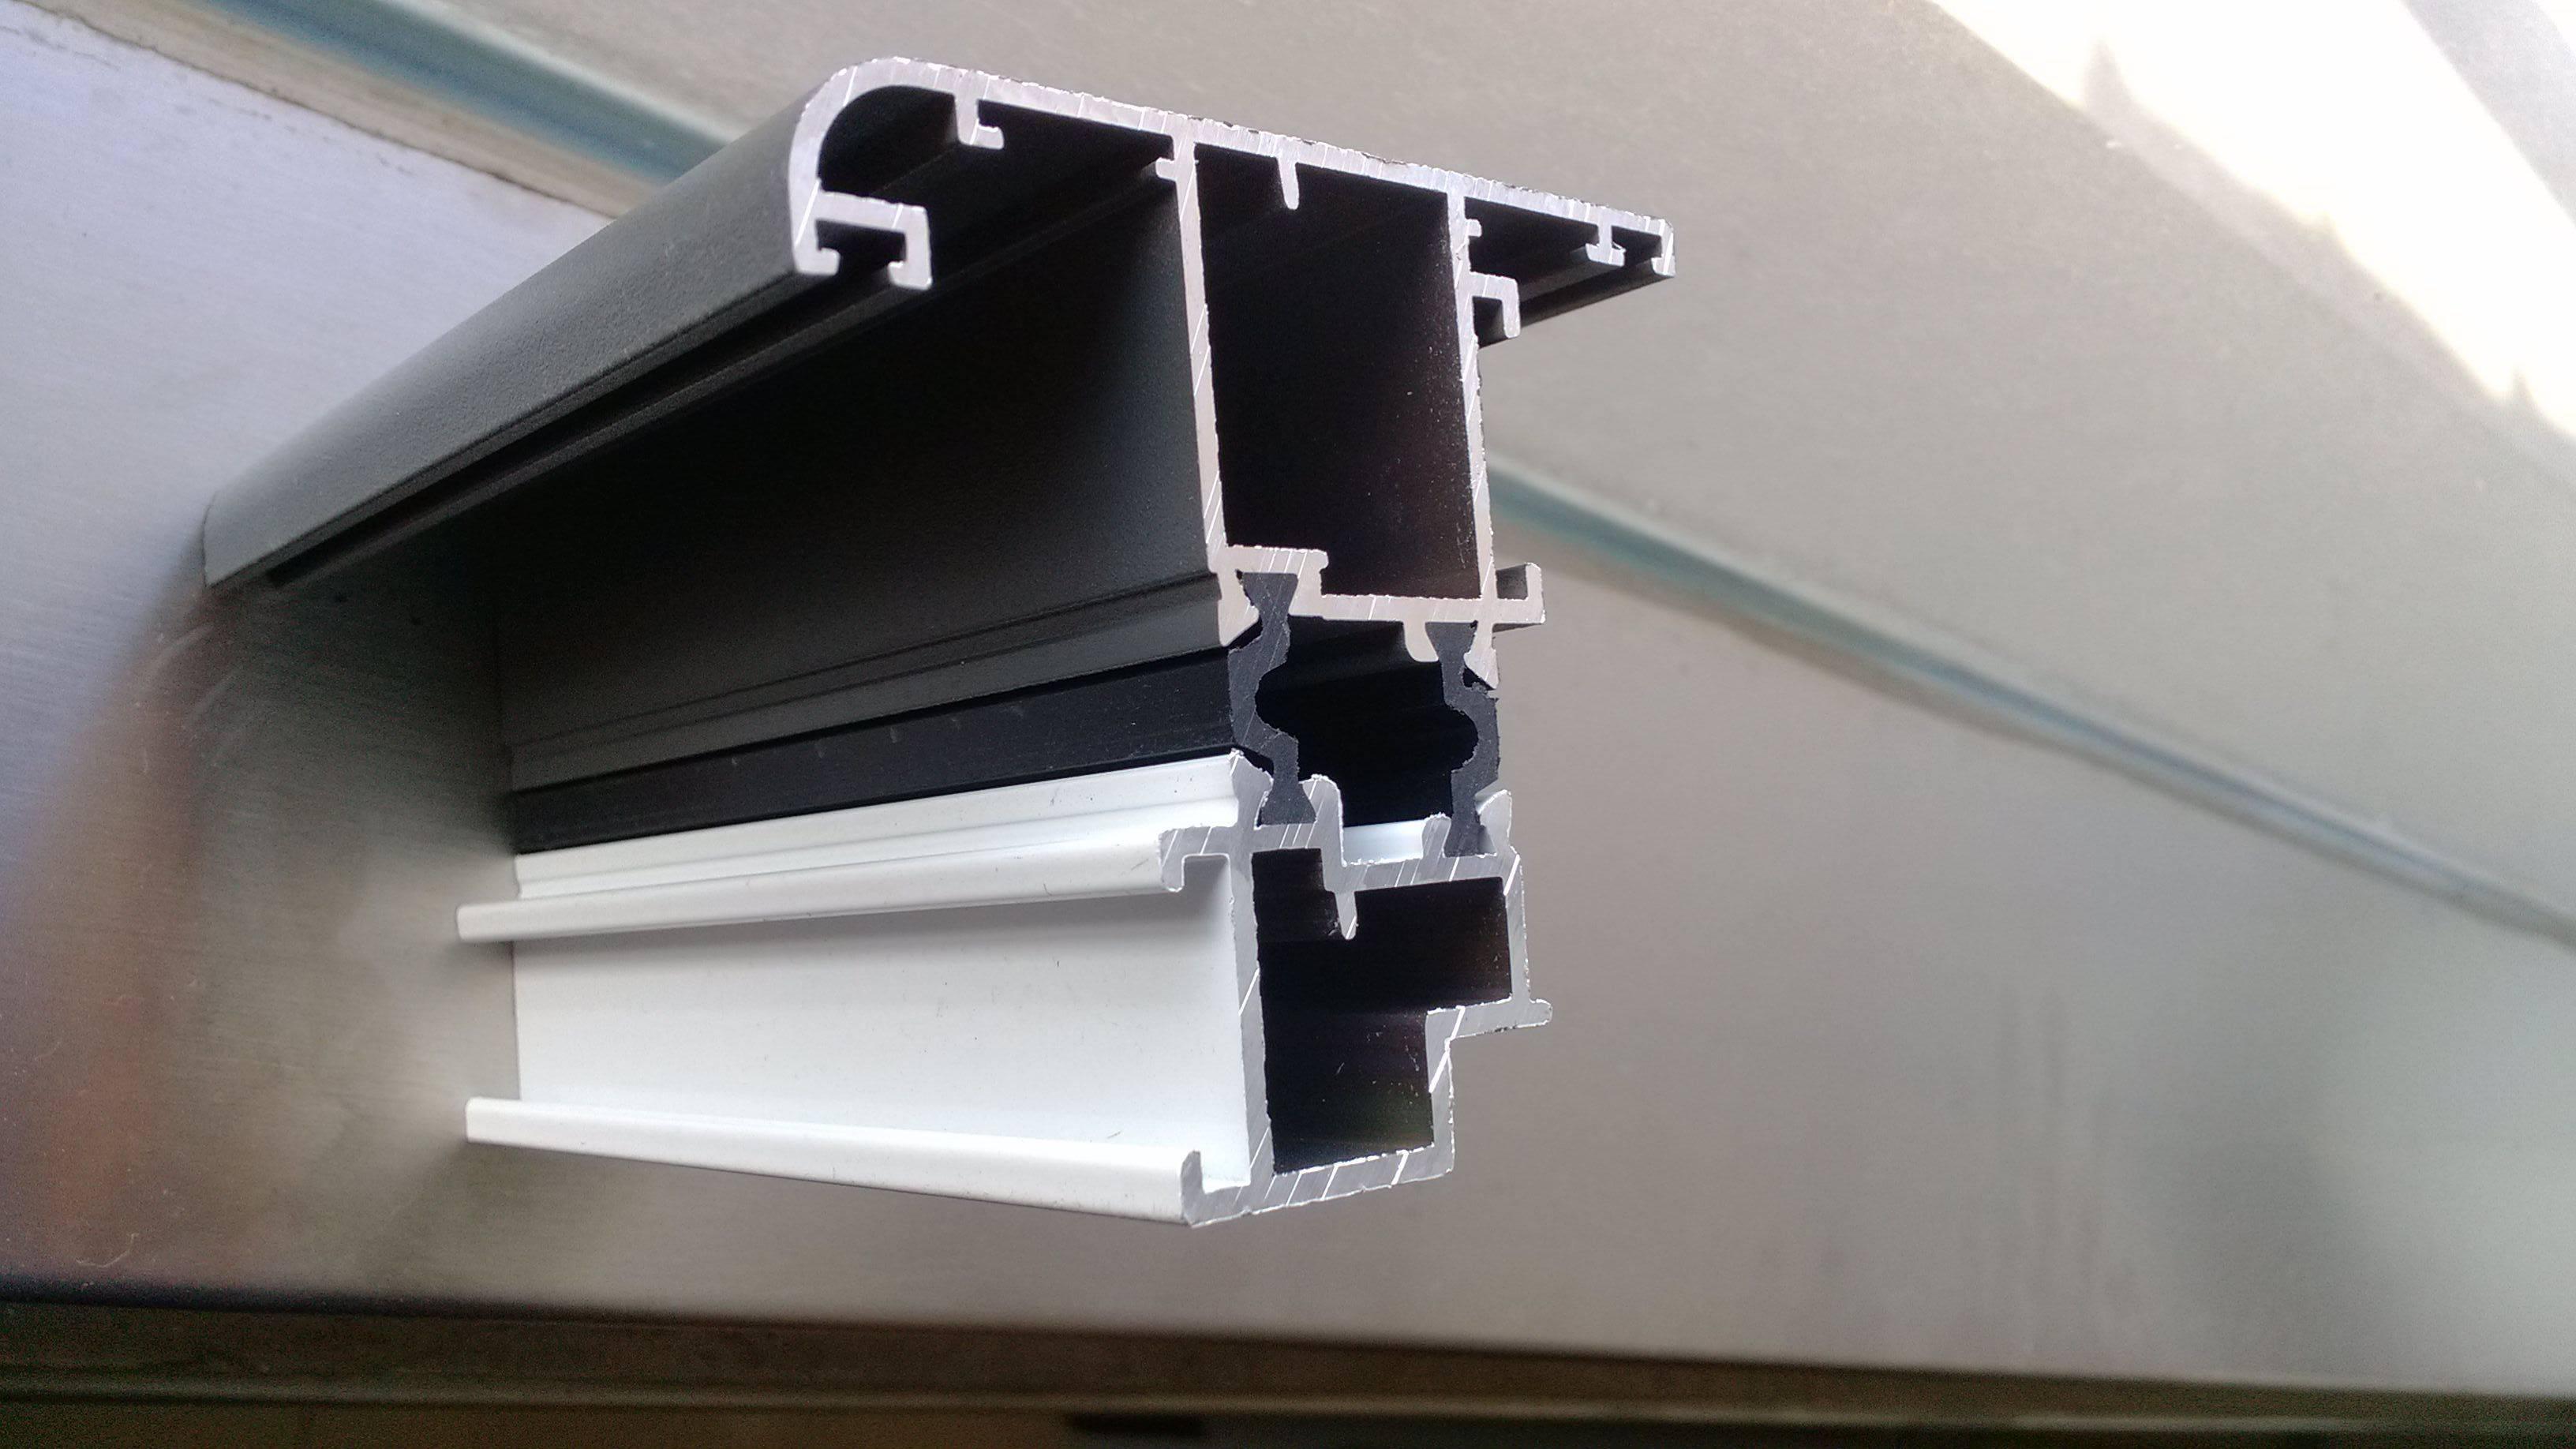 polyamide 25% thermal break product for aluminium profile